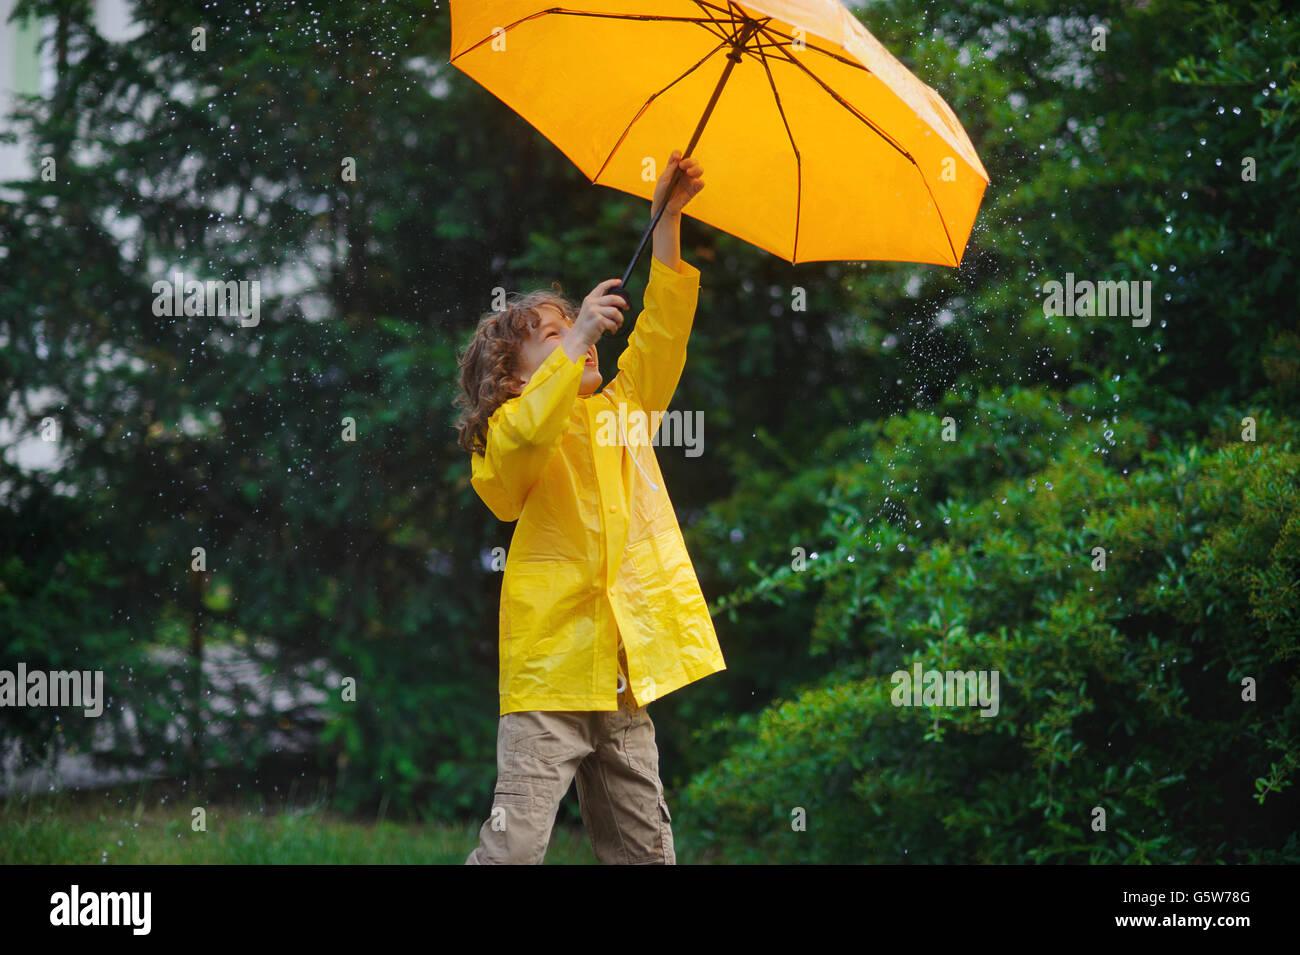 Kerlchen mit einem leuchtend gelben Schirm und in einem Regenmantel unter warmen Sommerregen. Er liebt den Regen Stockbild